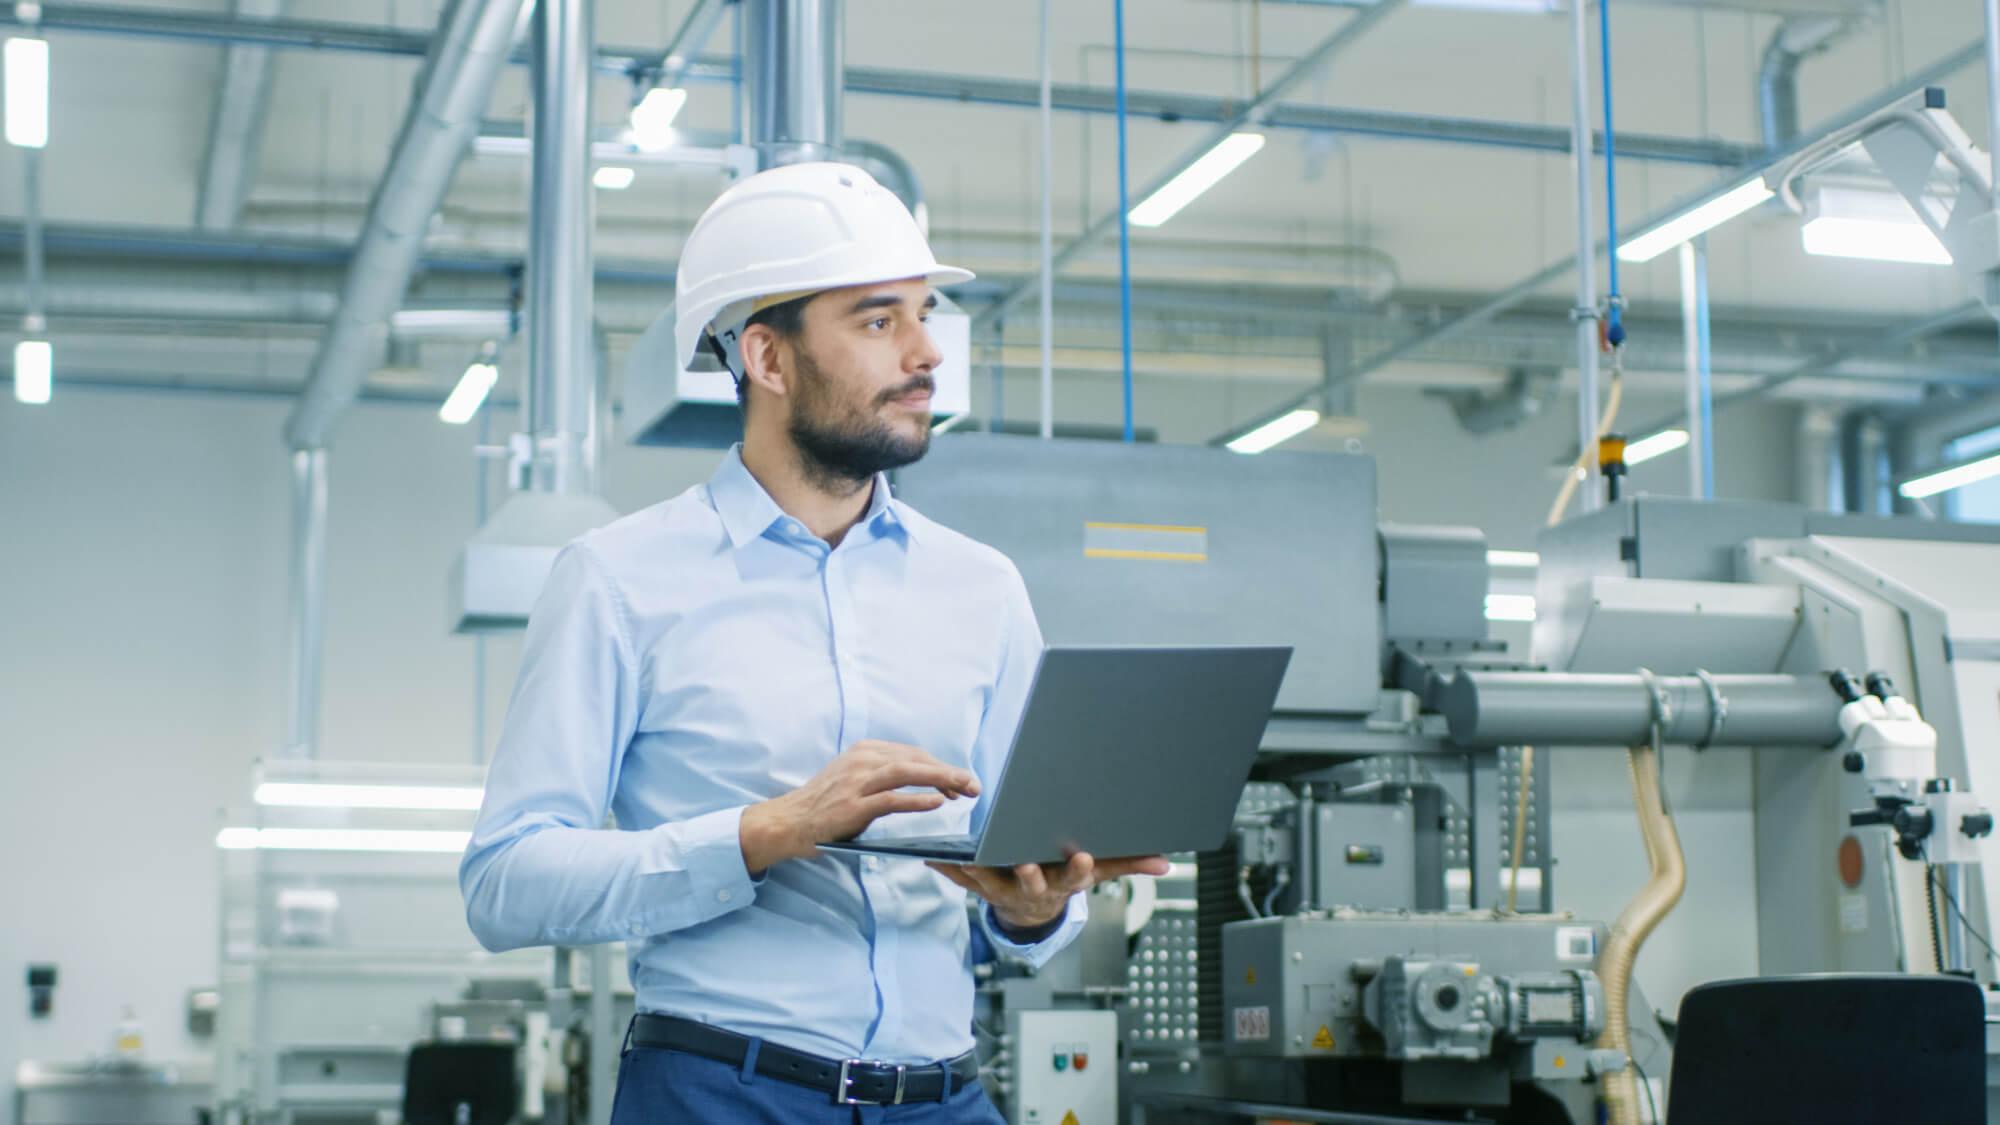 戴着硬帽的总工程师拿着笔记本电脑走过轻型现代工厂。现代工业环境中的成功、英俊男子。